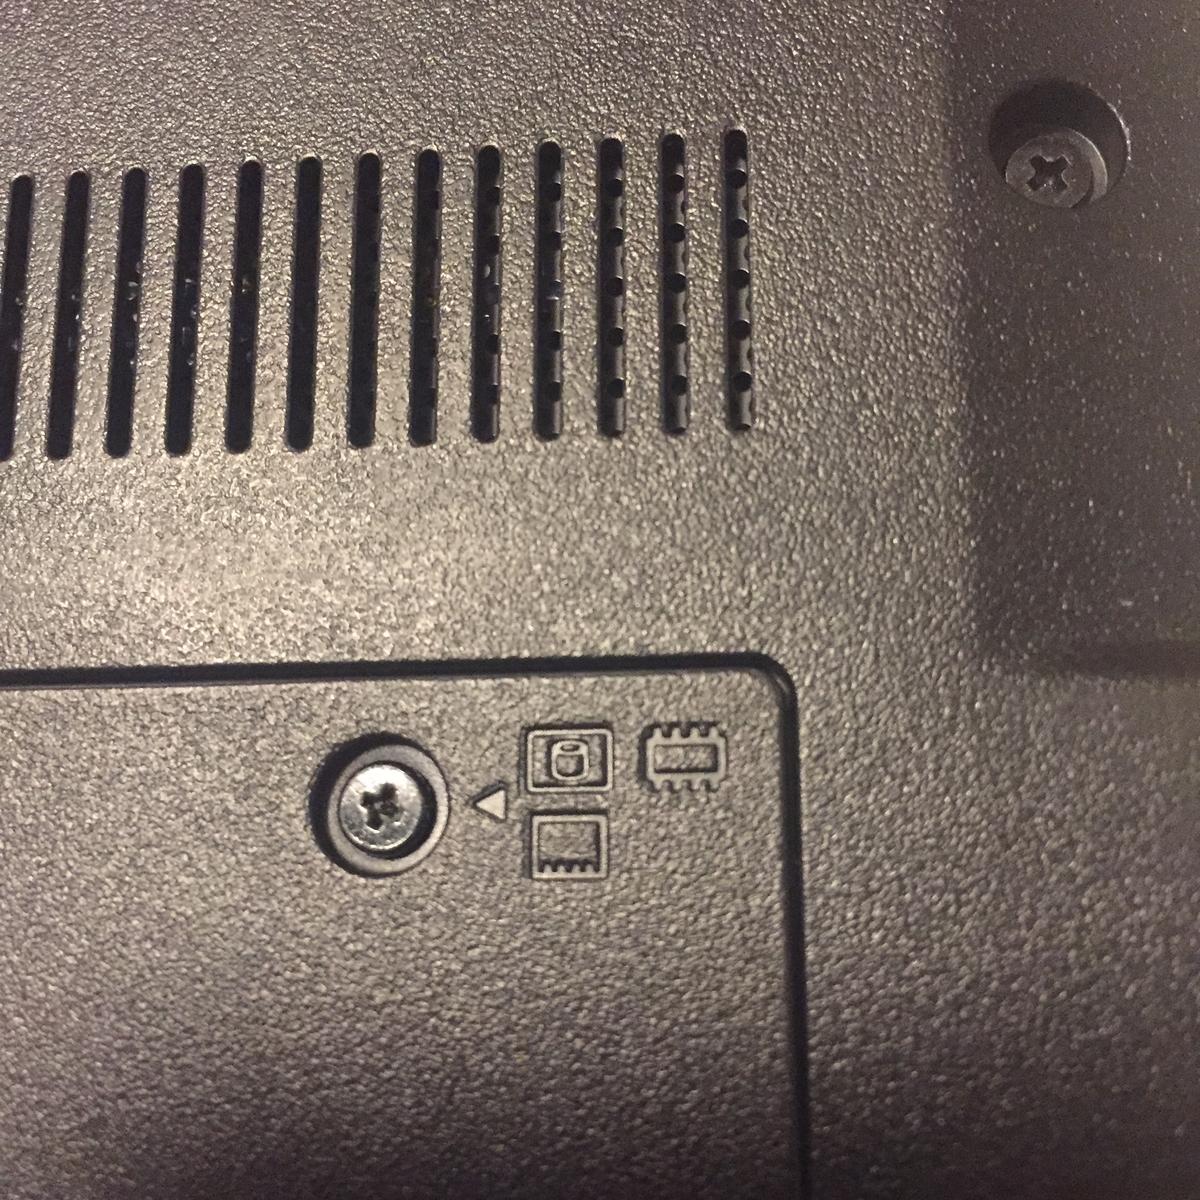 メモリ 増設 デュアル パソコン PC IT ThinkPad E570